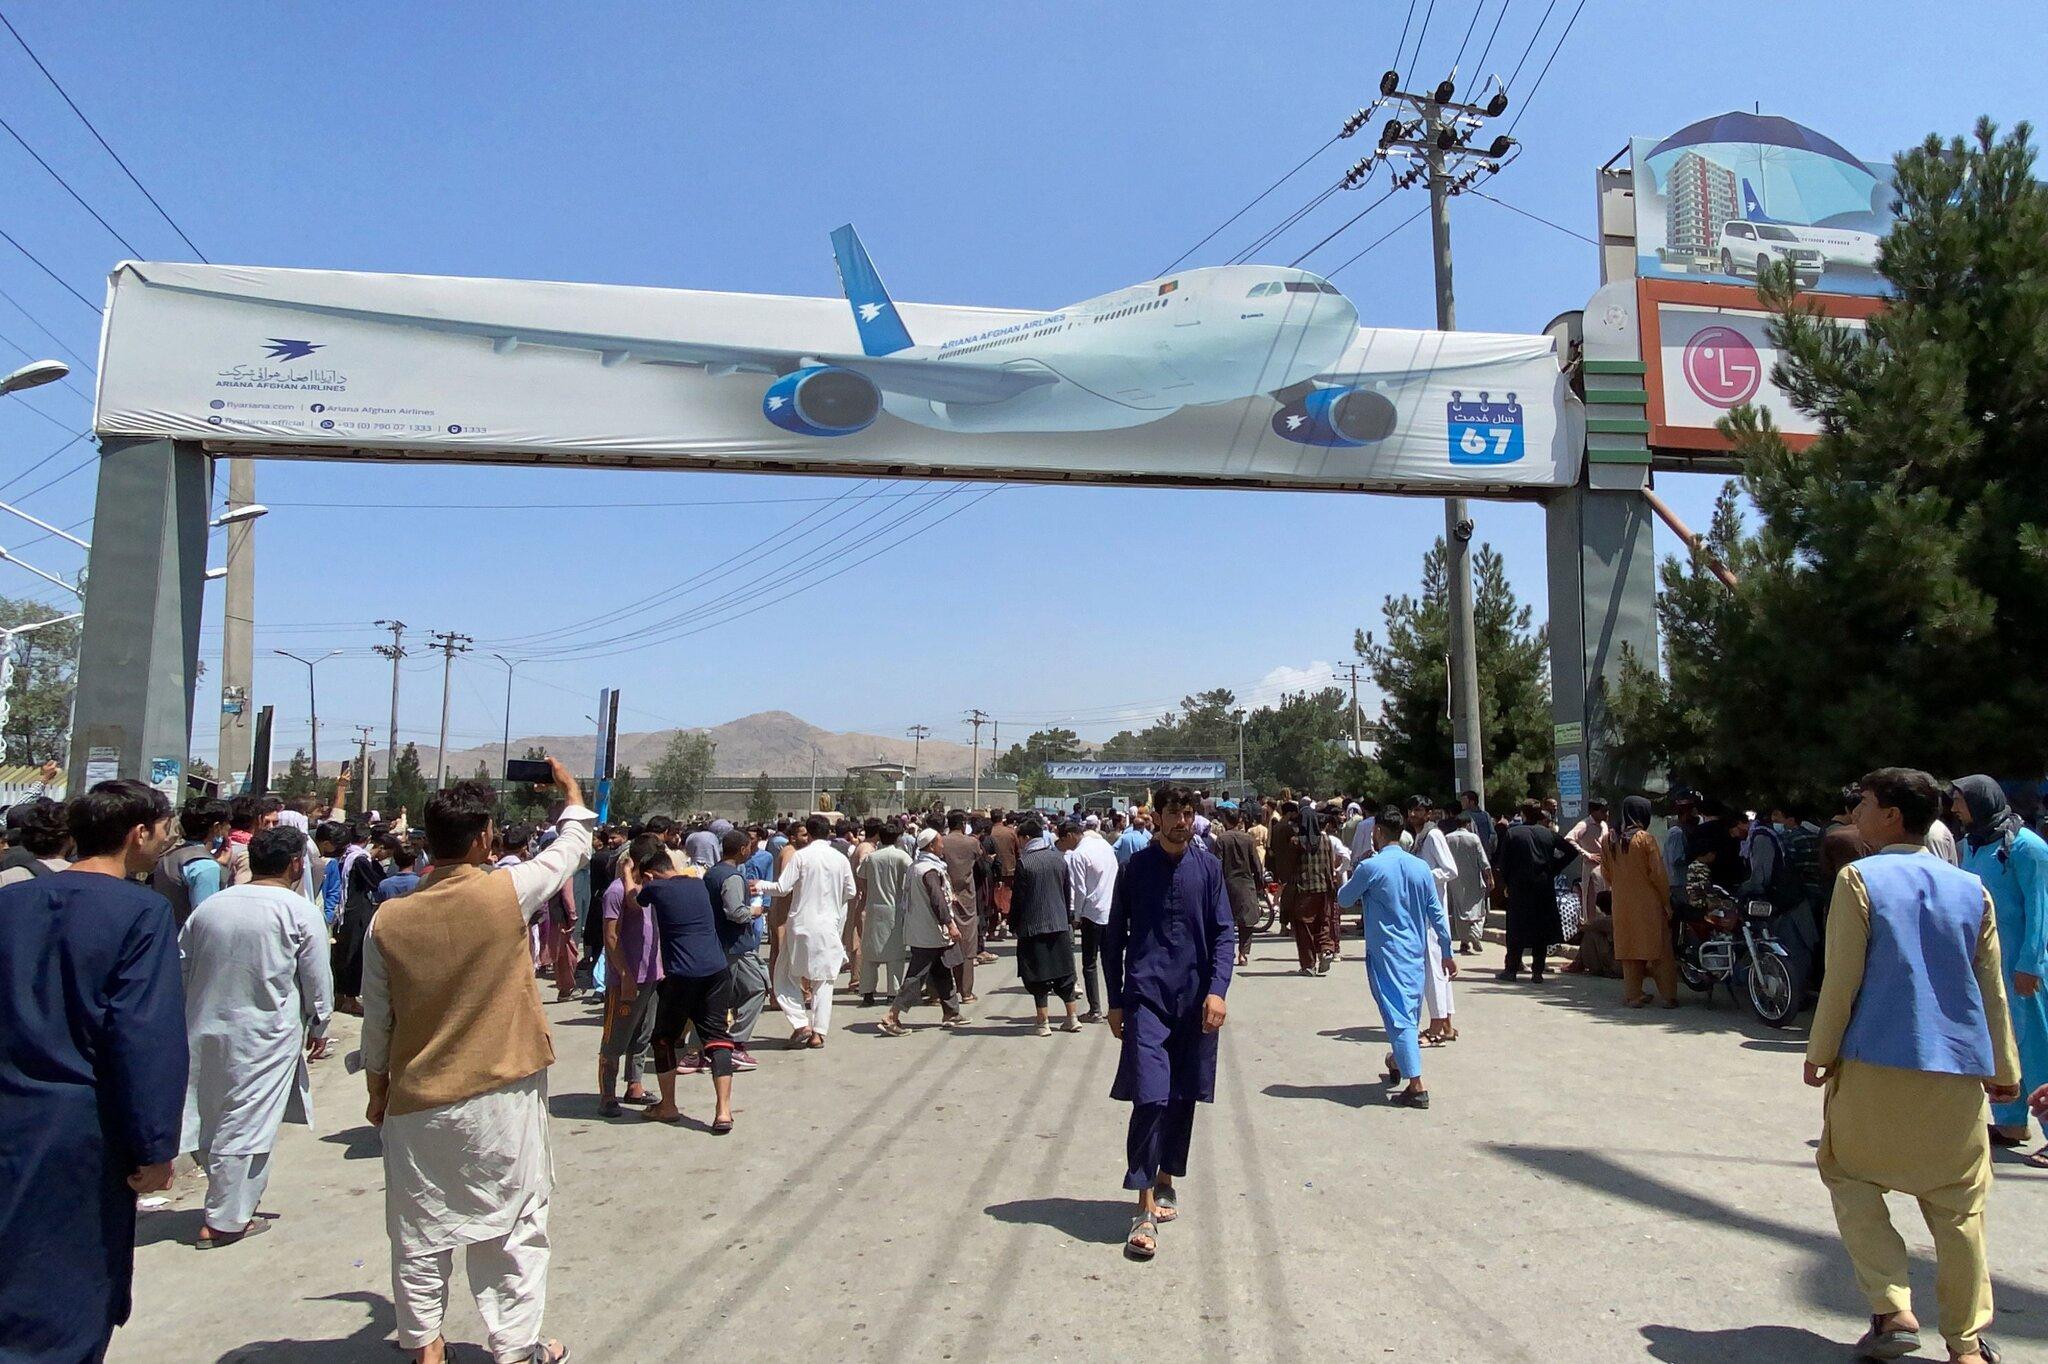 افغانستان؛ دلخراش ترین تلاشها برای فرار از کابل/ هرج و مرچ در فرودگاه/ تعلیق پروازهای غیرنظامی